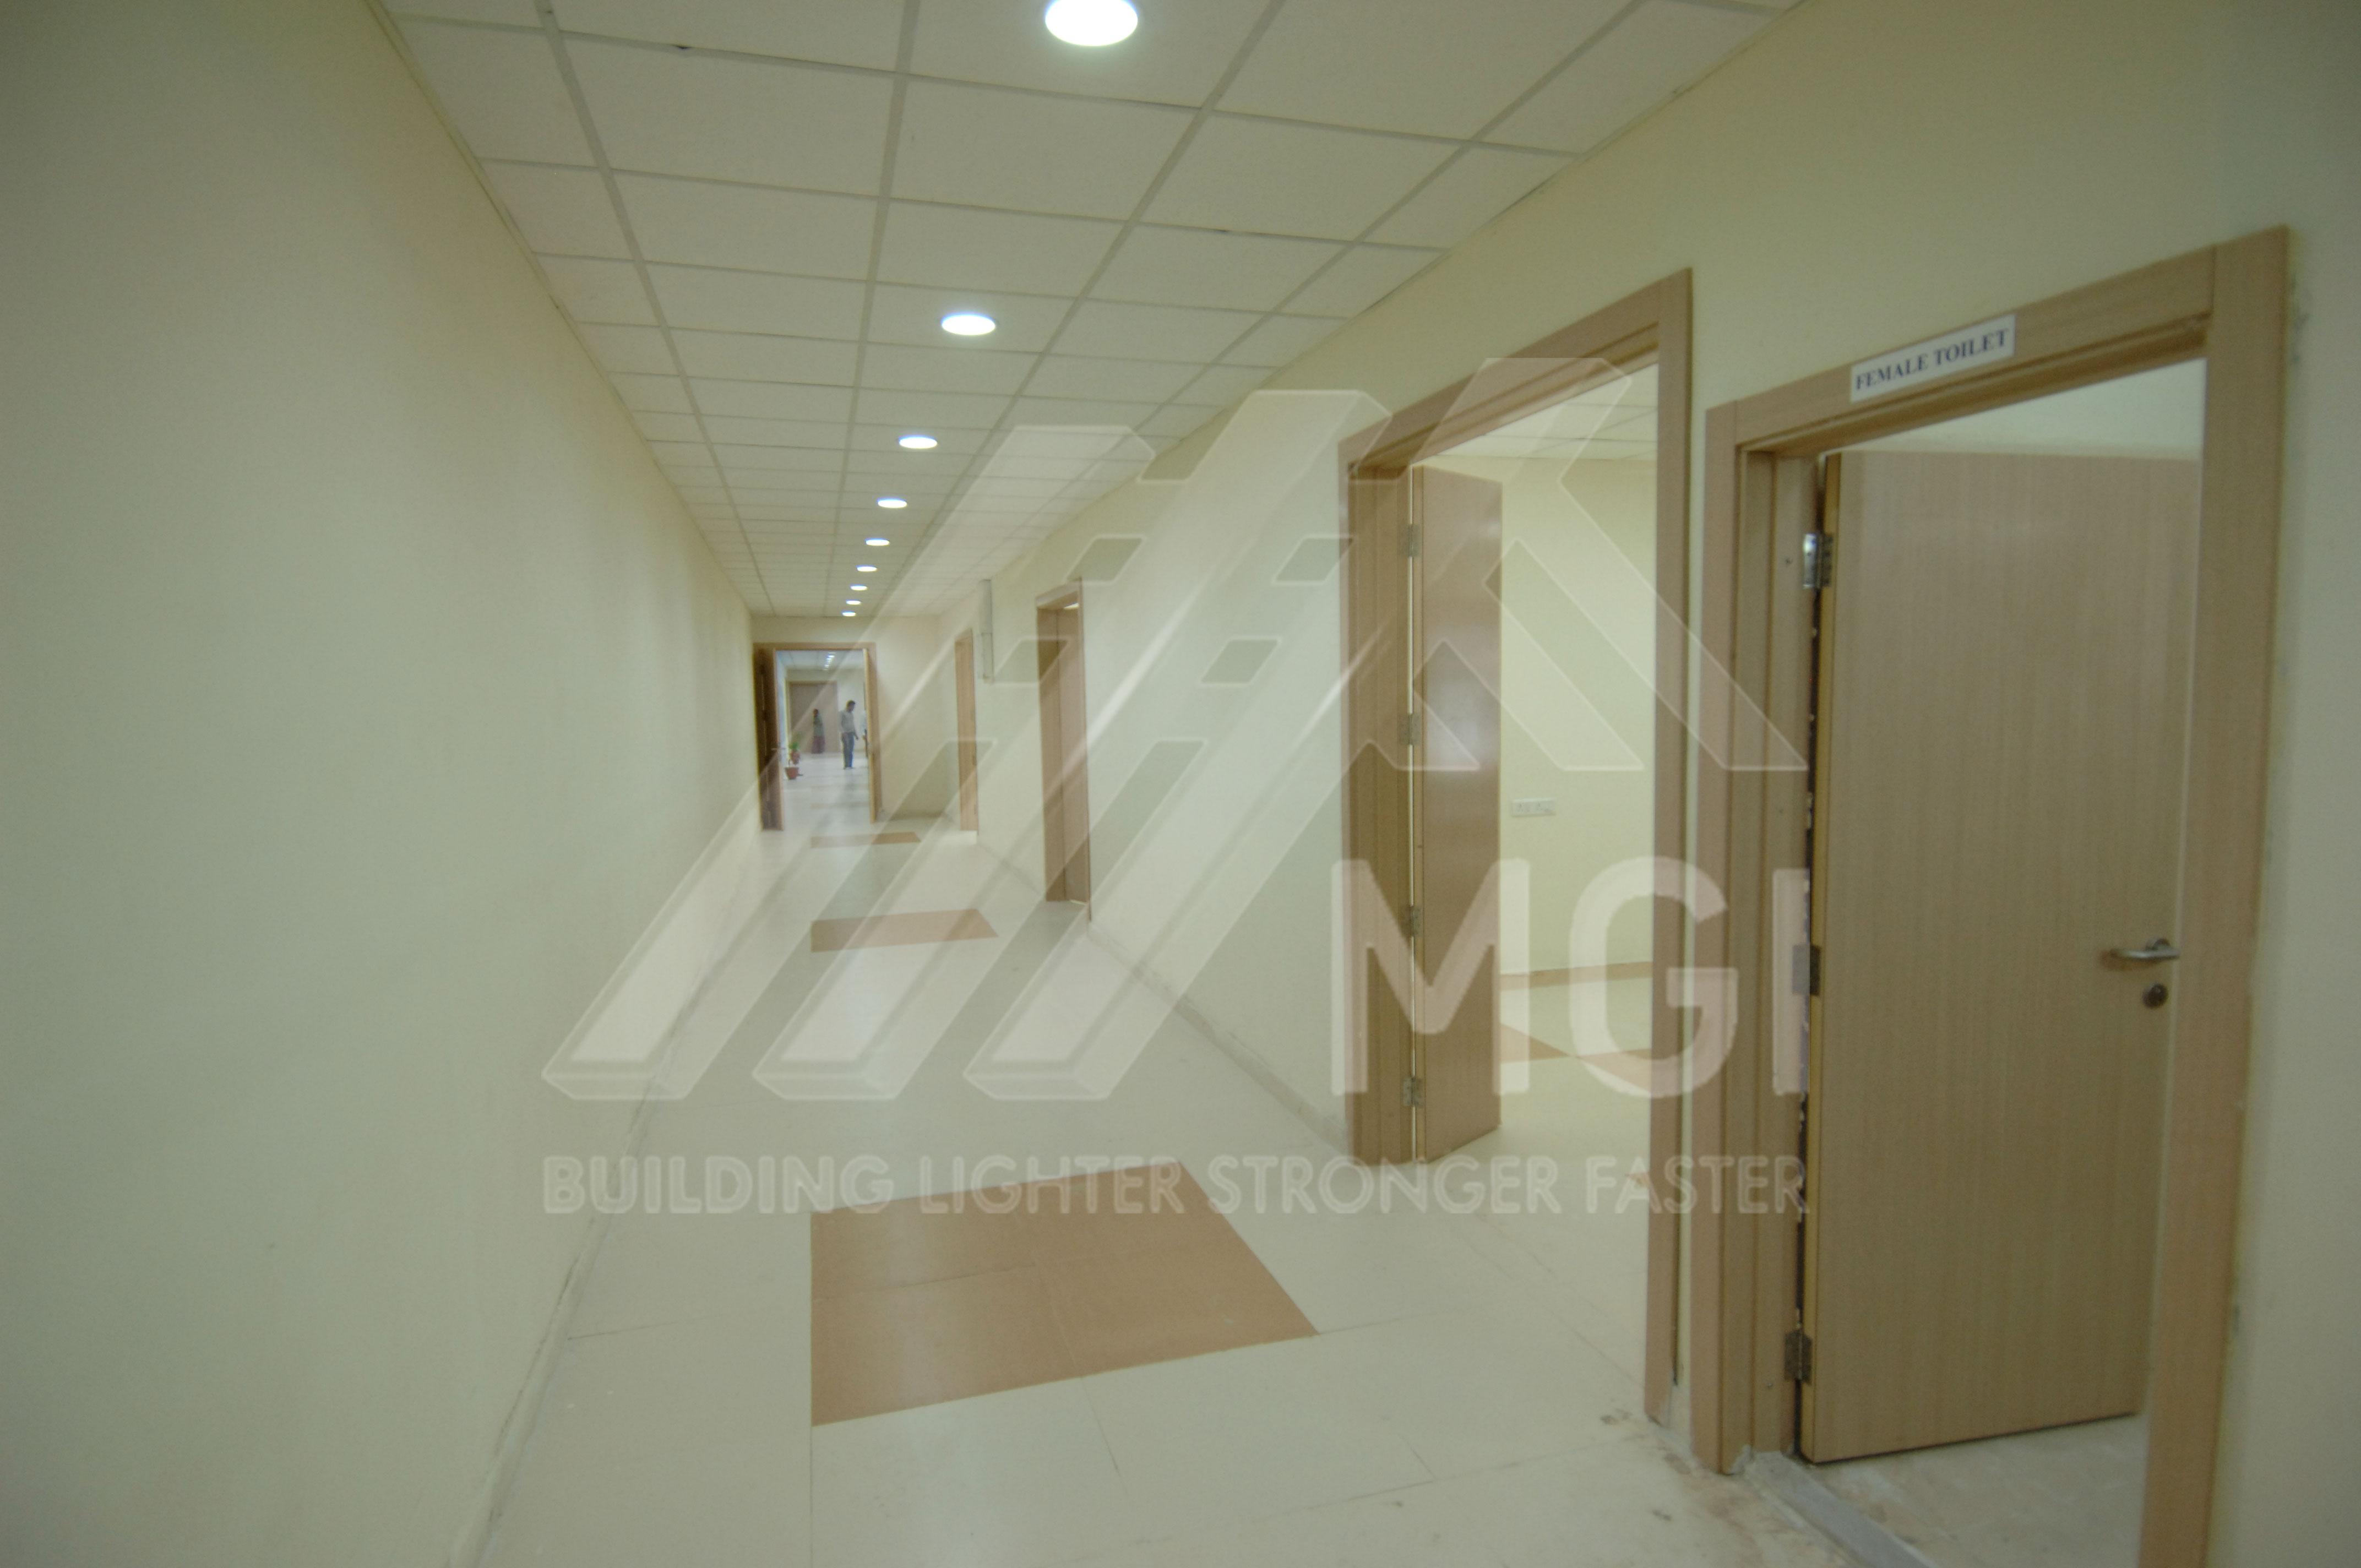 MGI Infra Pvt Ltd.   BUILDING LIGHTER STRONGER FASTER